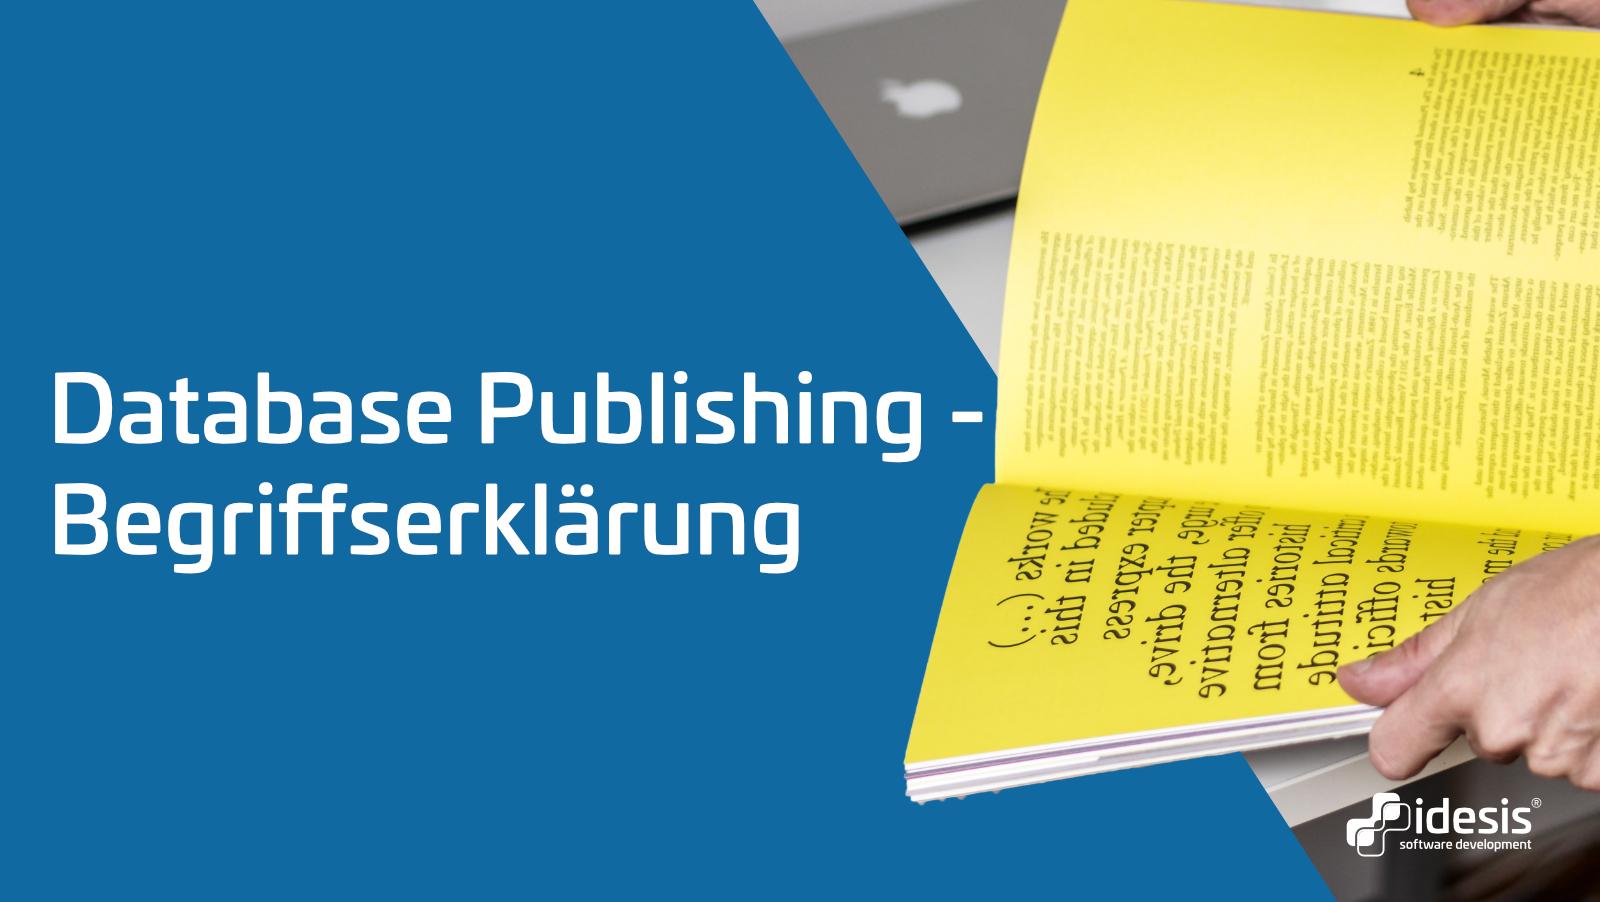 Database Publishing